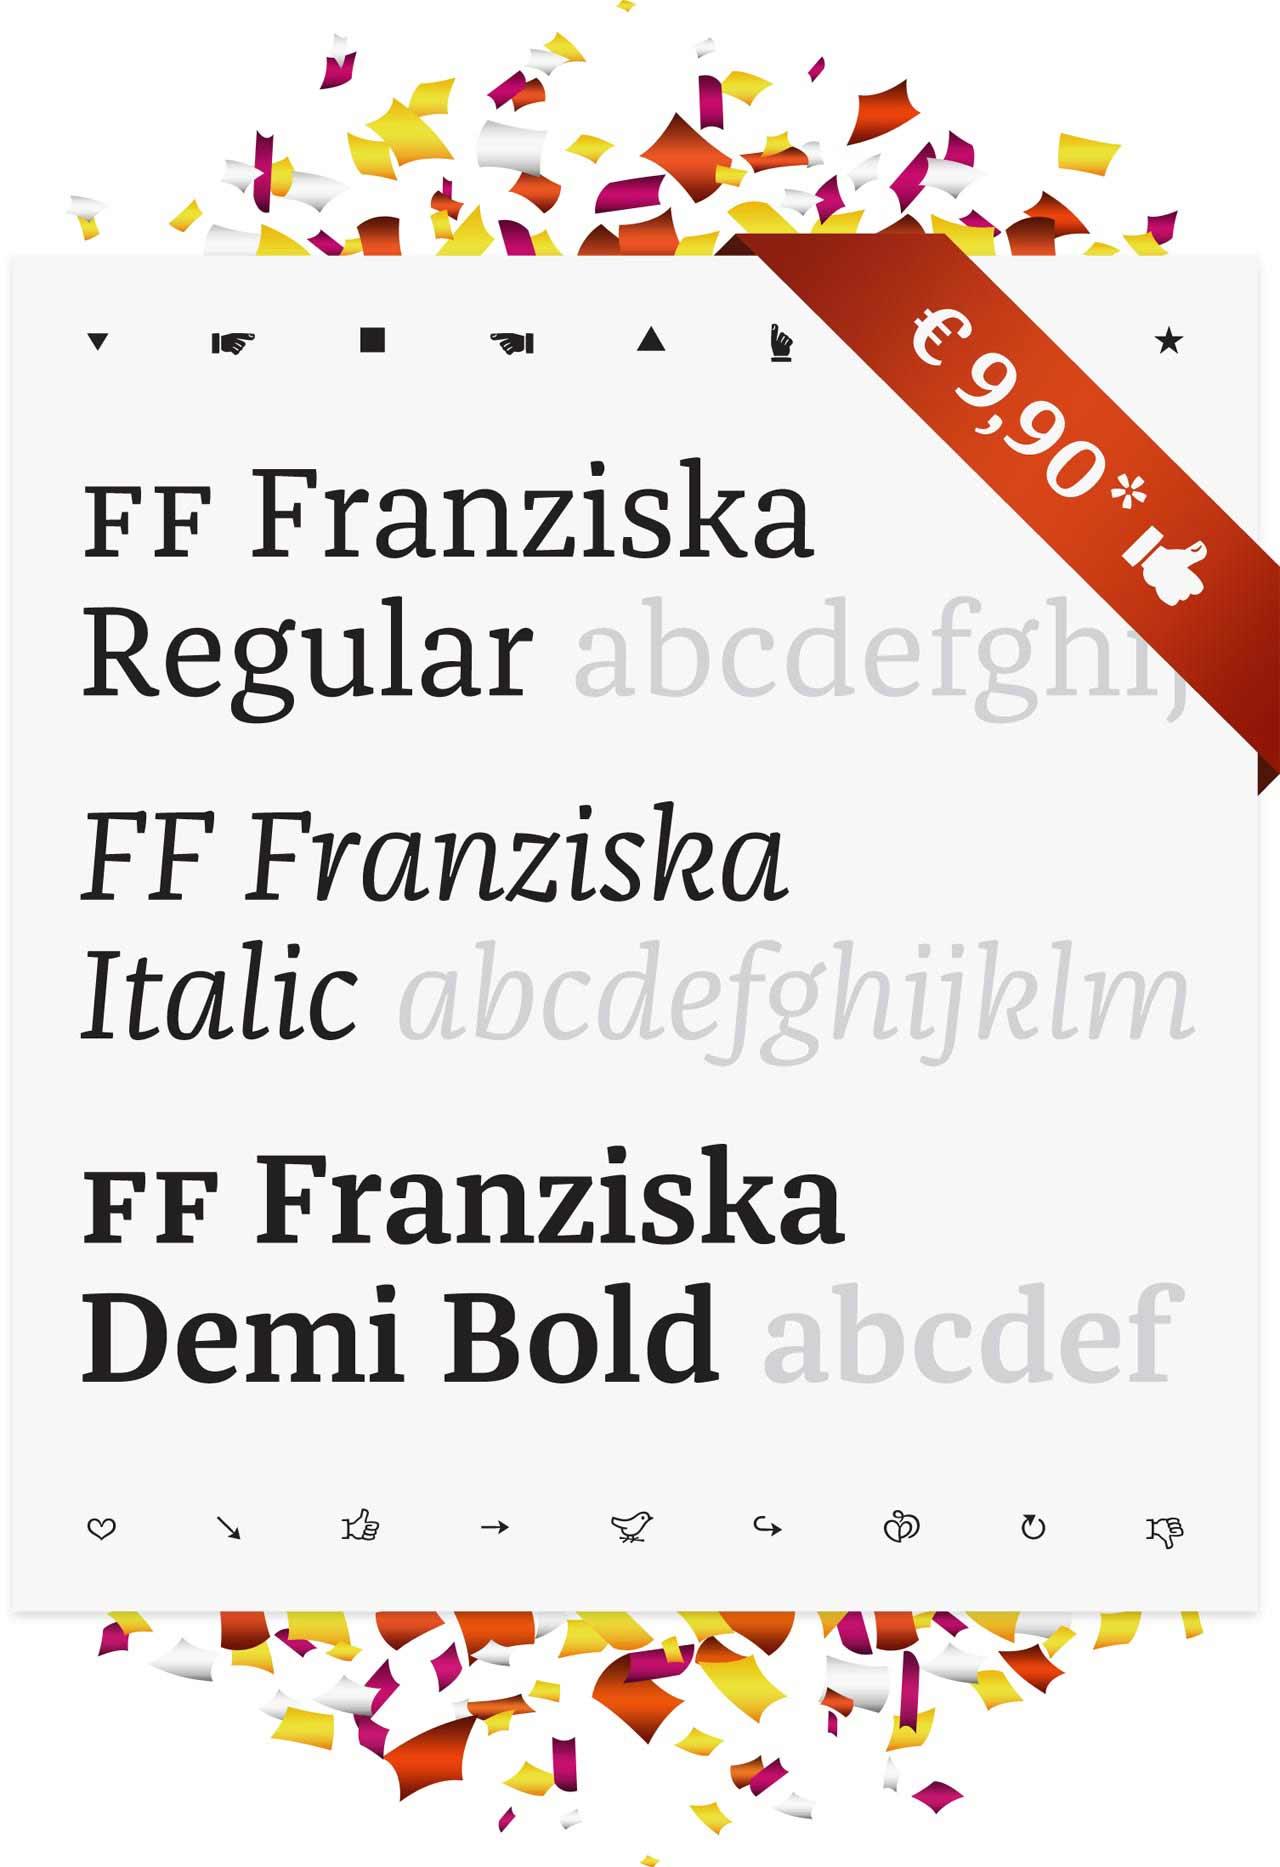 ff_franziska_FontShop-com